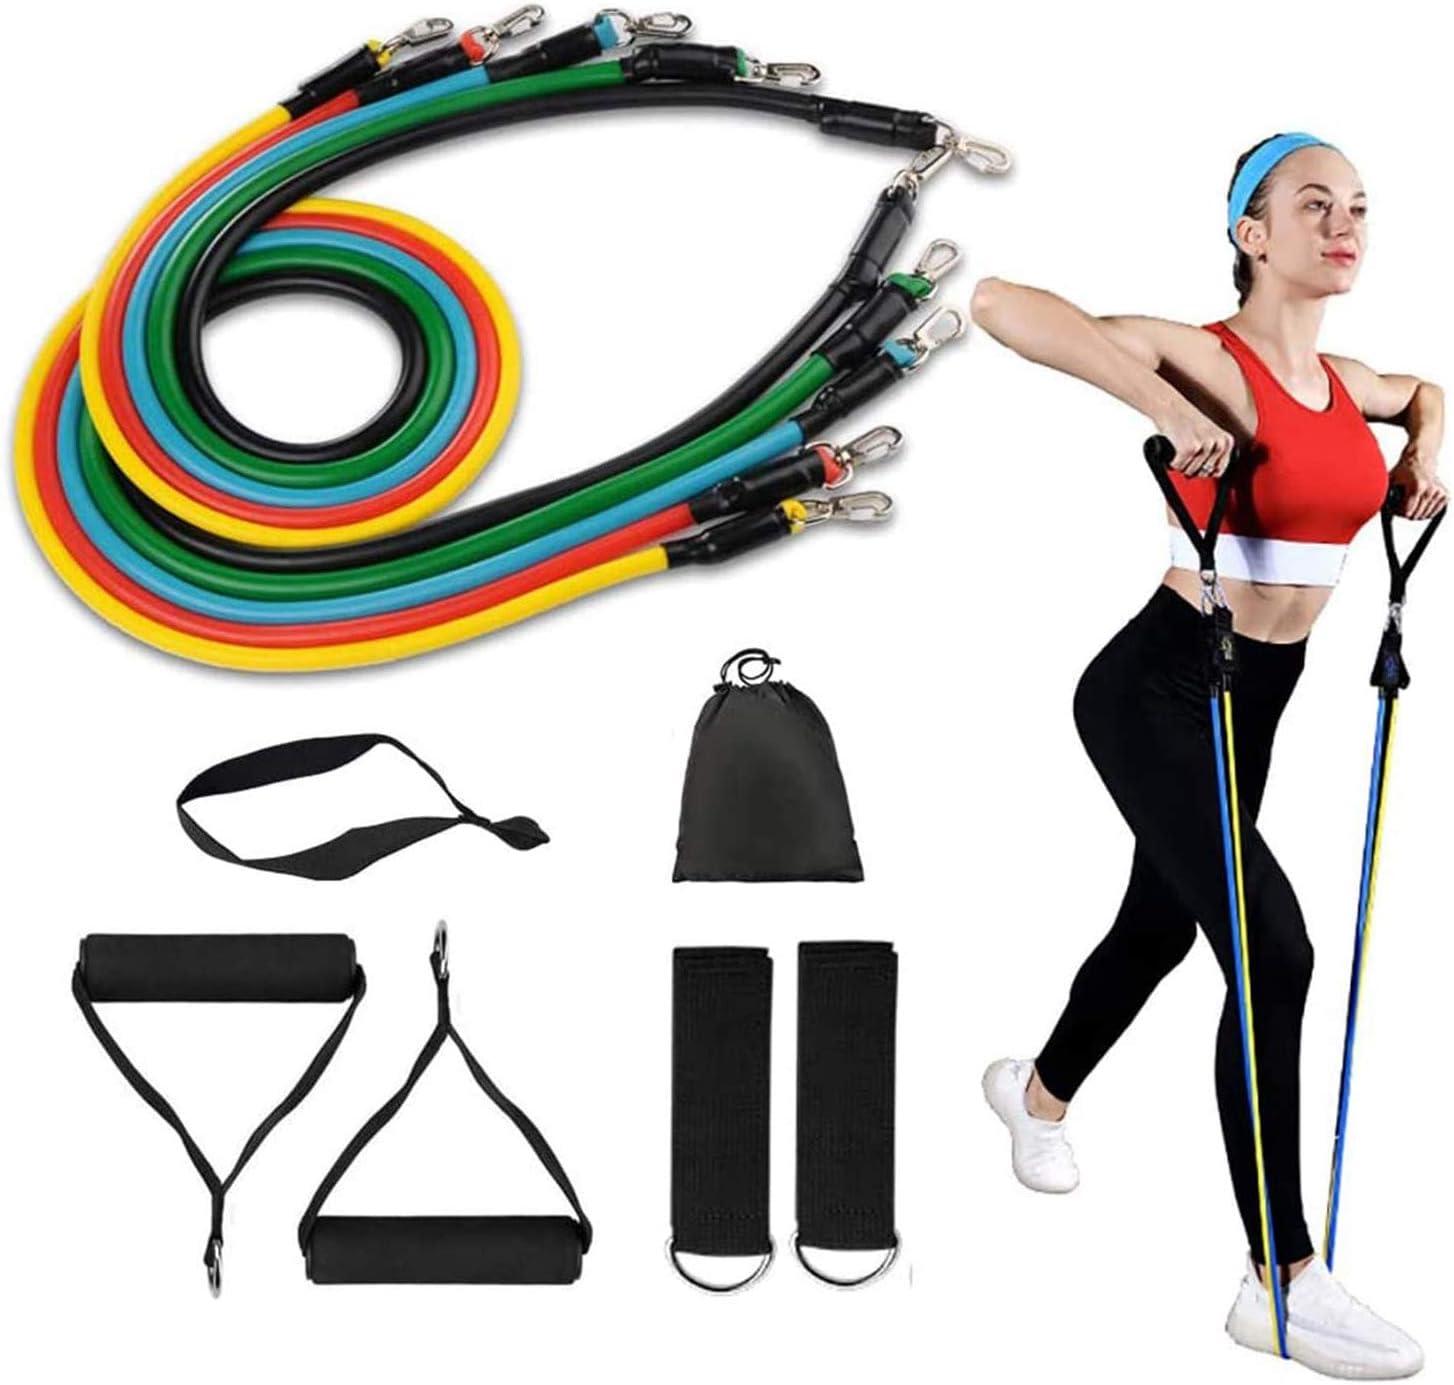 Widerstandsbänder Griff mit starken D Ringen aus Nylonband für Fitnessübungen